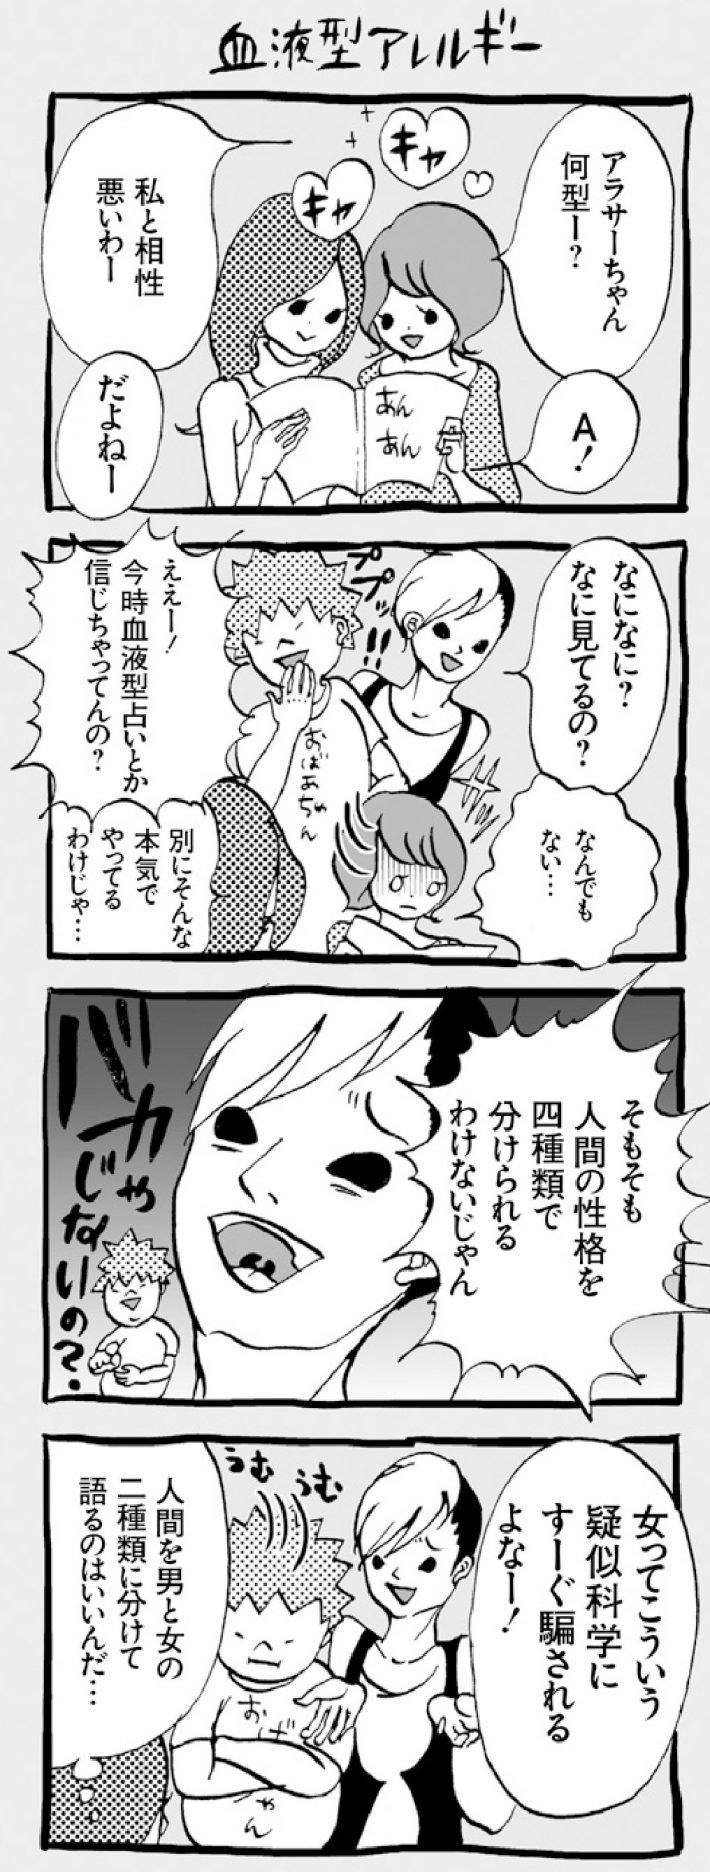 アラサーちゃん無修正_01_page-0020-2